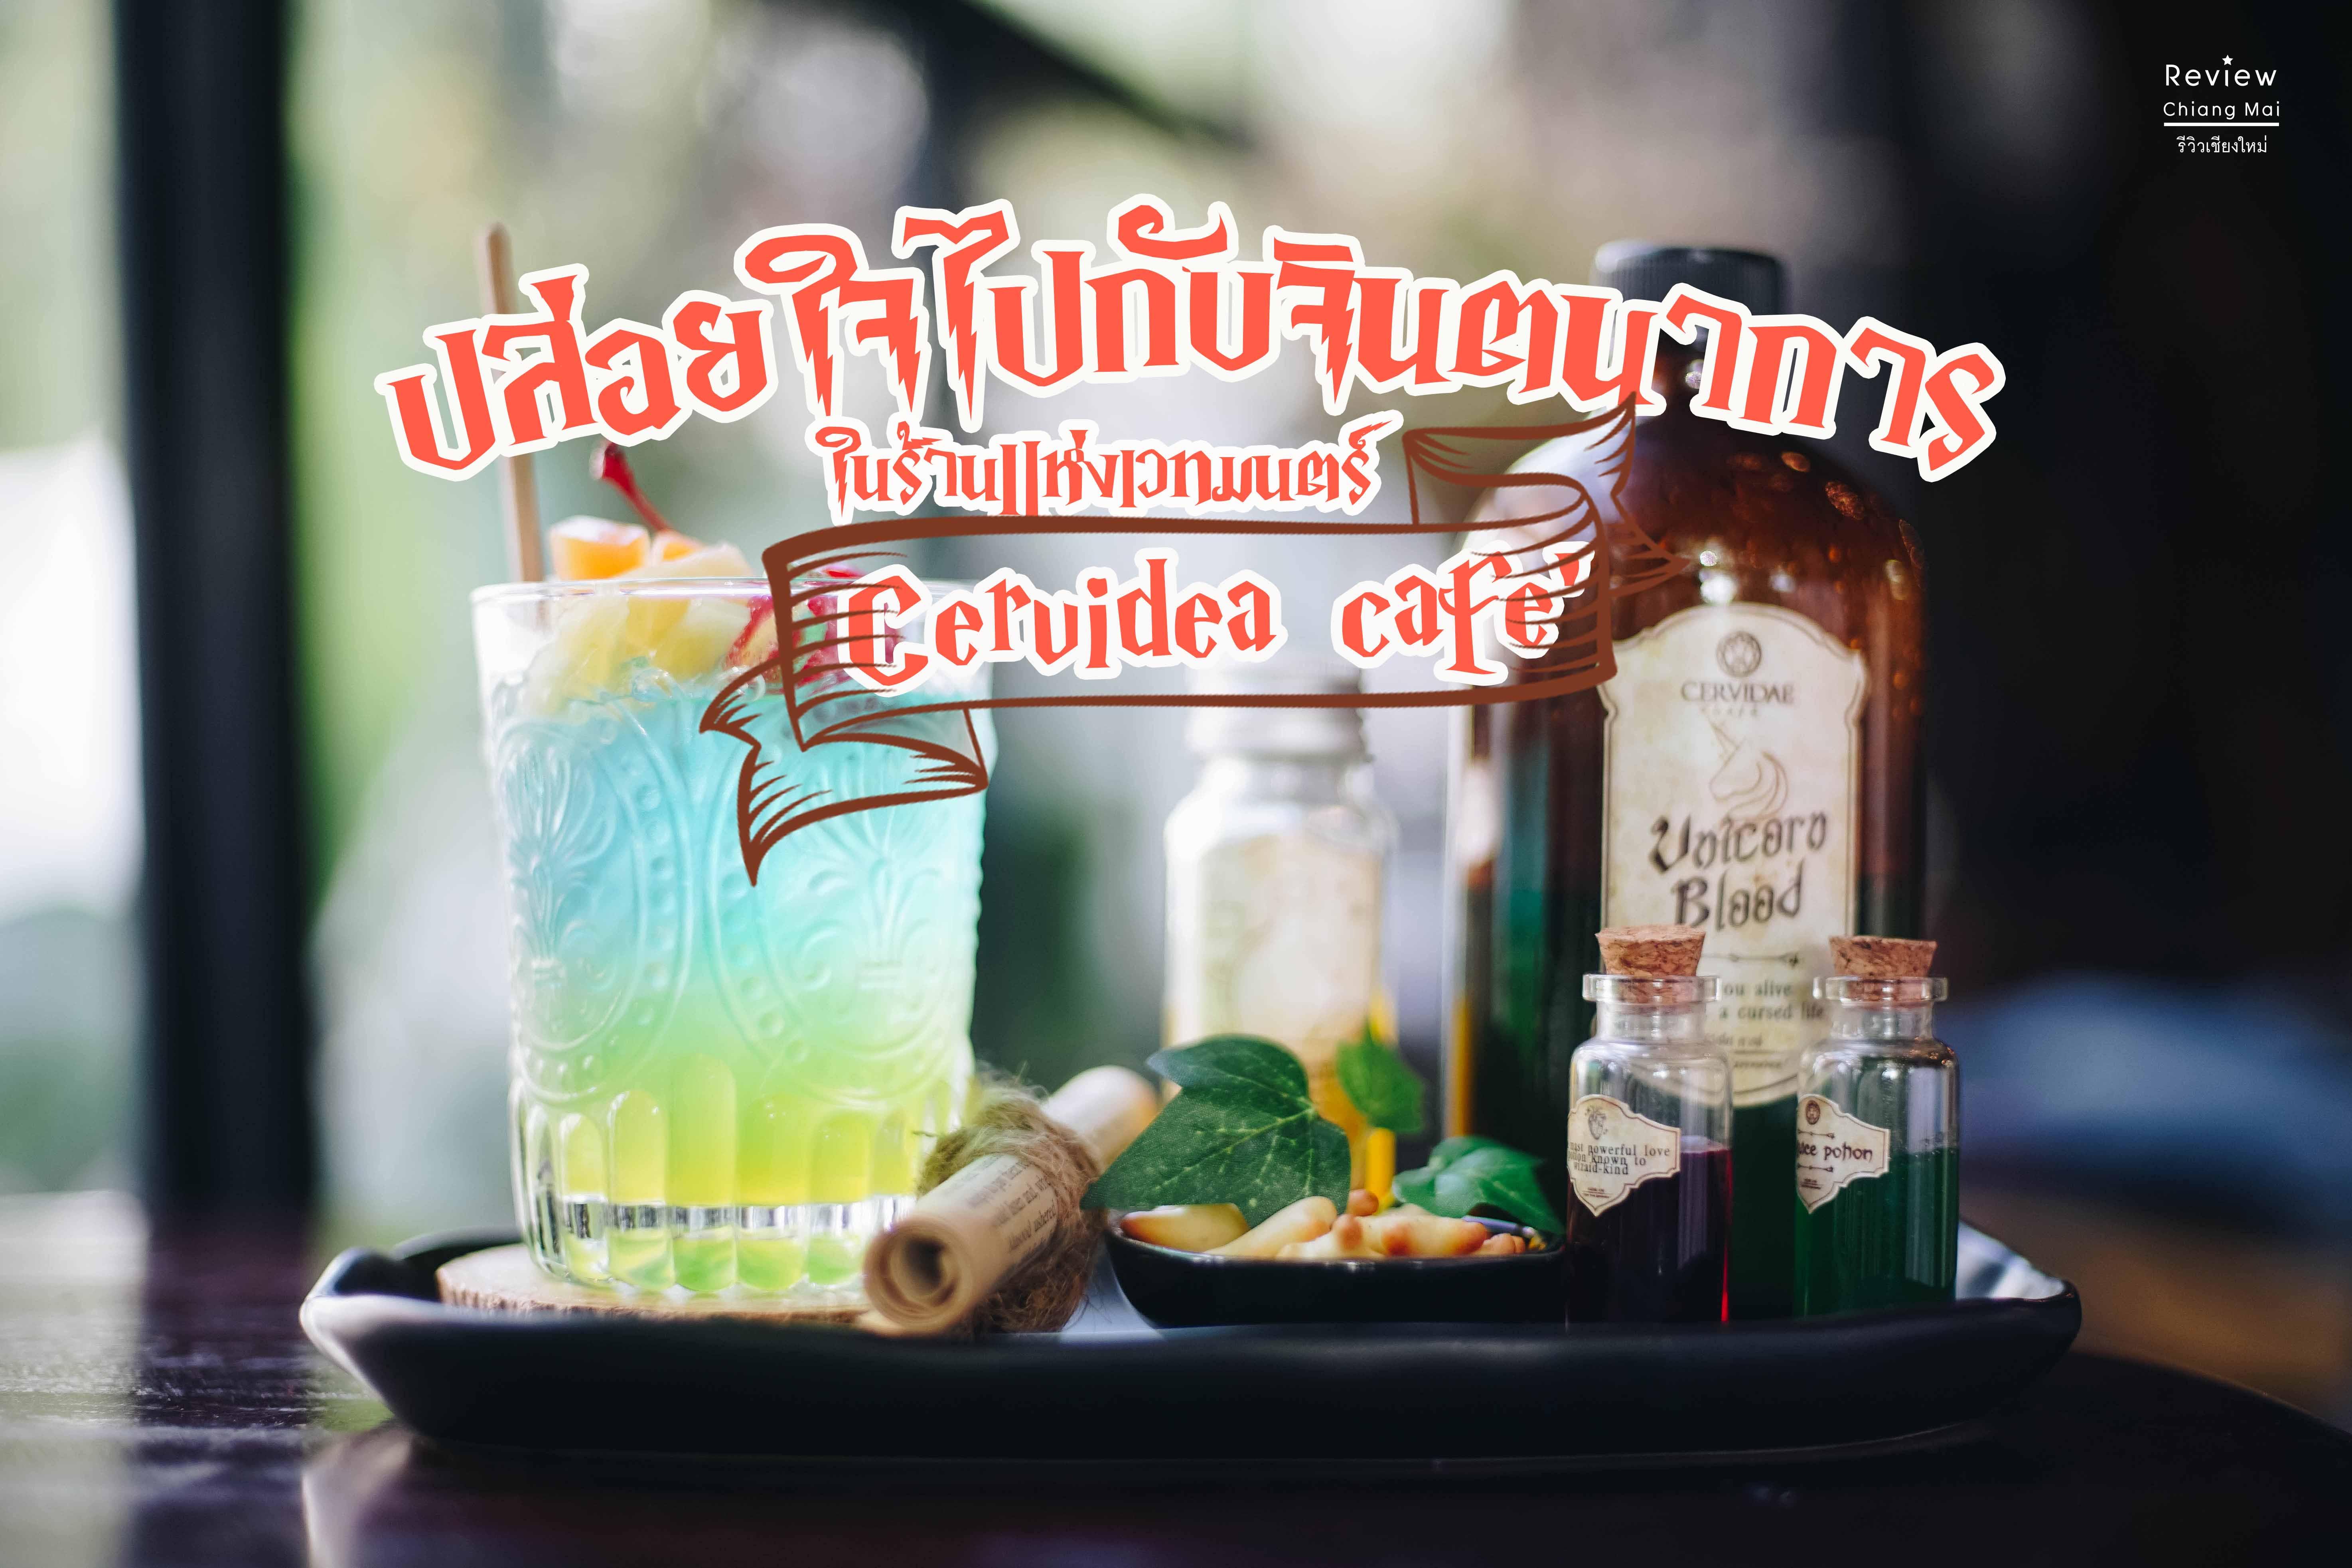 Cervidae cafe : ปล่อยใจไปกับจินตนาการ ในร้านแห่งเวทมนตร์